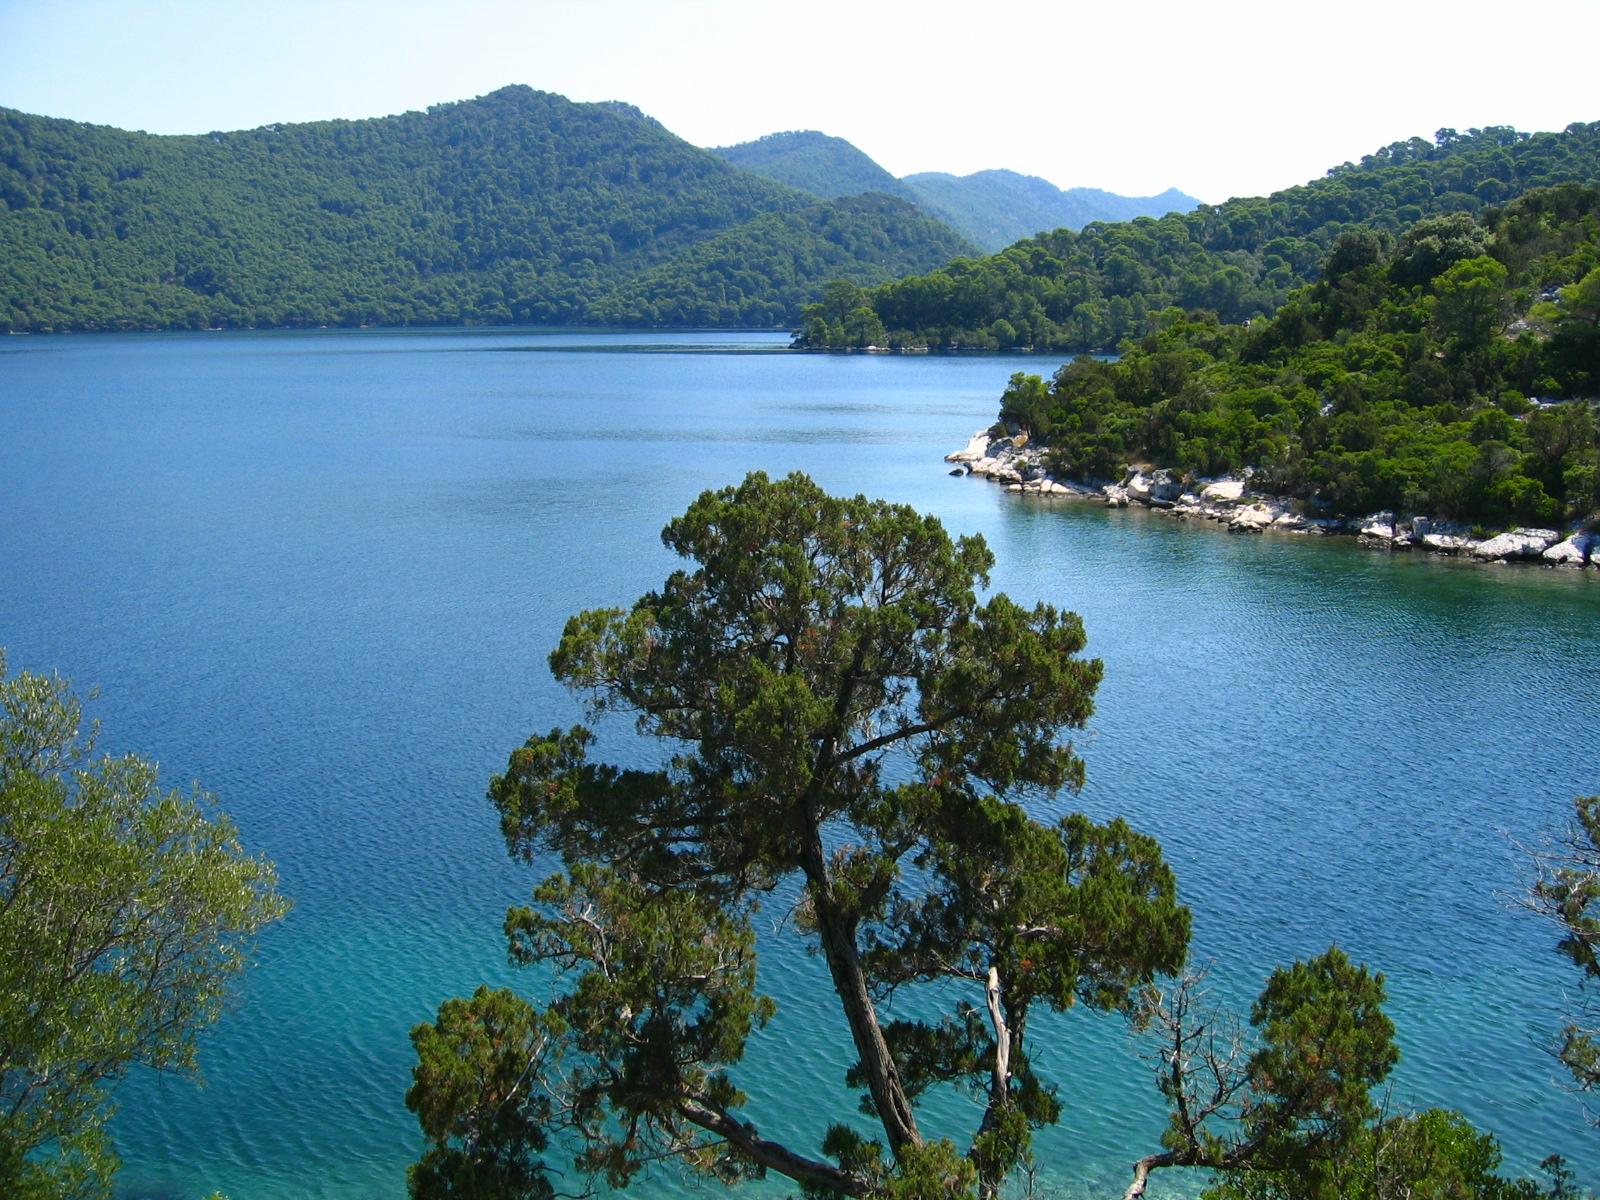 Illa de Mljet, Croàcia. Imatge: Neoneo13. Imatge de domini públic